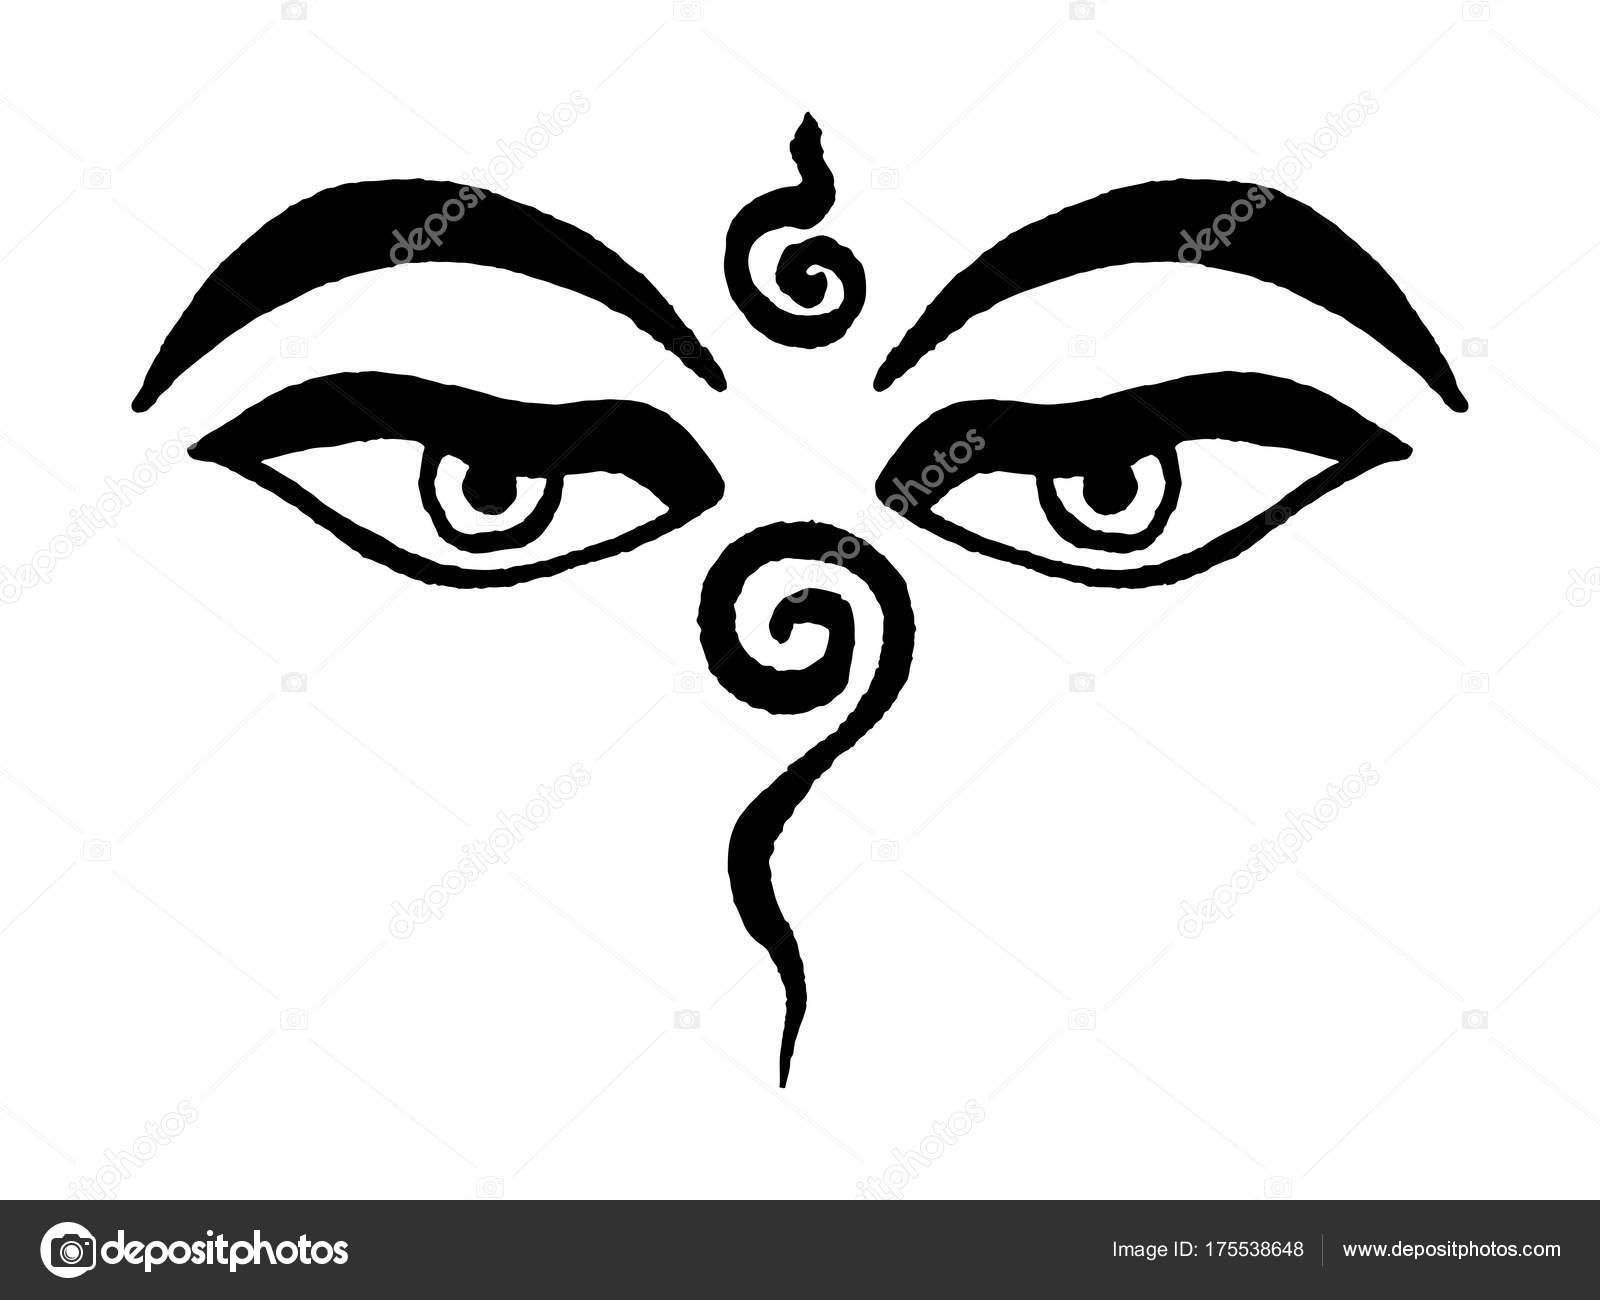 Peaceful eyes buddha tibetan buddhist meditation symbol represent peaceful eyes buddha tibetan buddhist meditation symbol represent universal wisdom stock vector buycottarizona Image collections